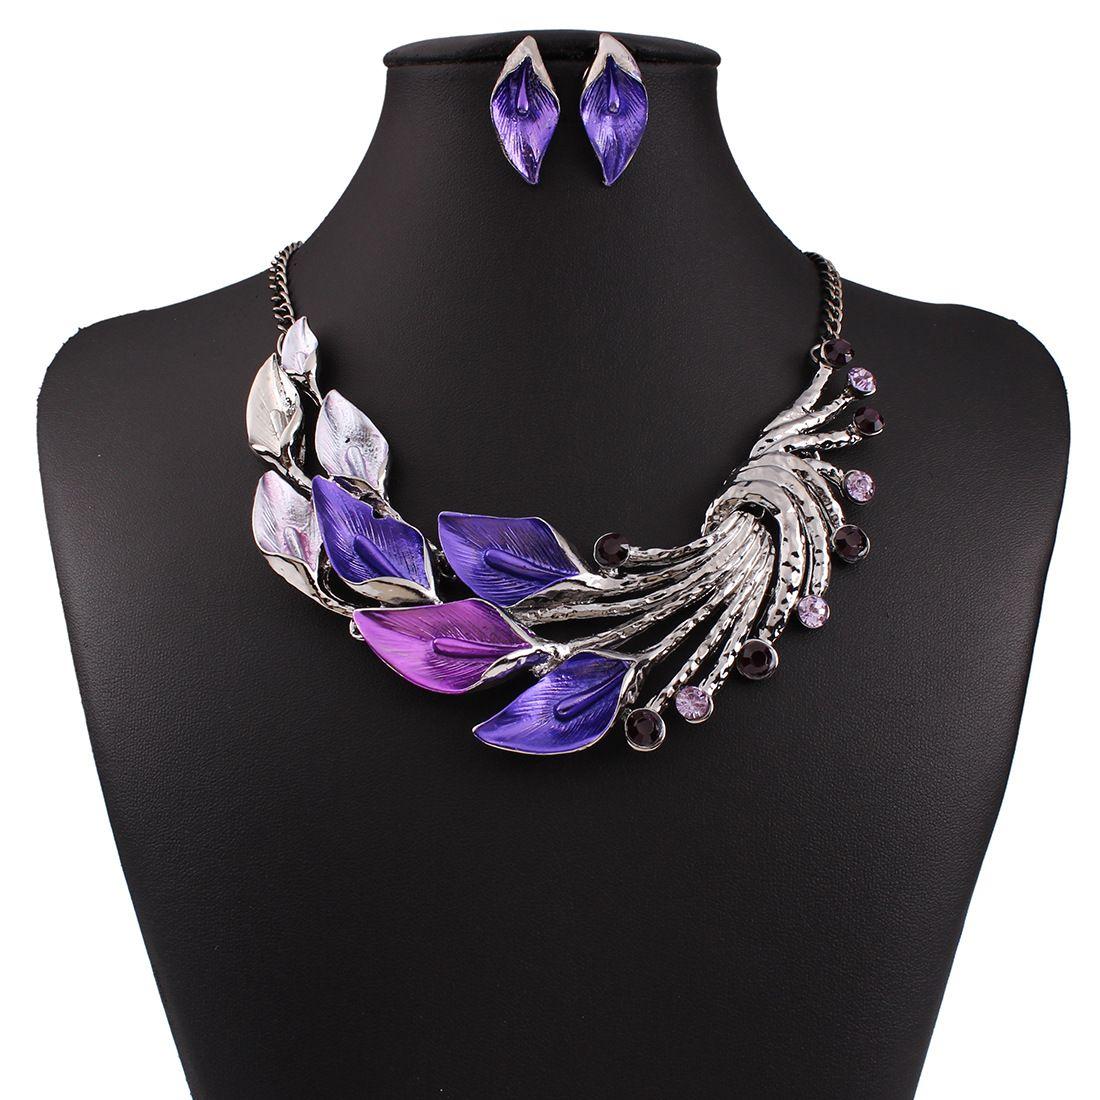 Las nuevas mujeres de cristal austriaco joyería fija el esmalte 4 colores de la flor joyería fija Cadena conjuntos de collar aretes